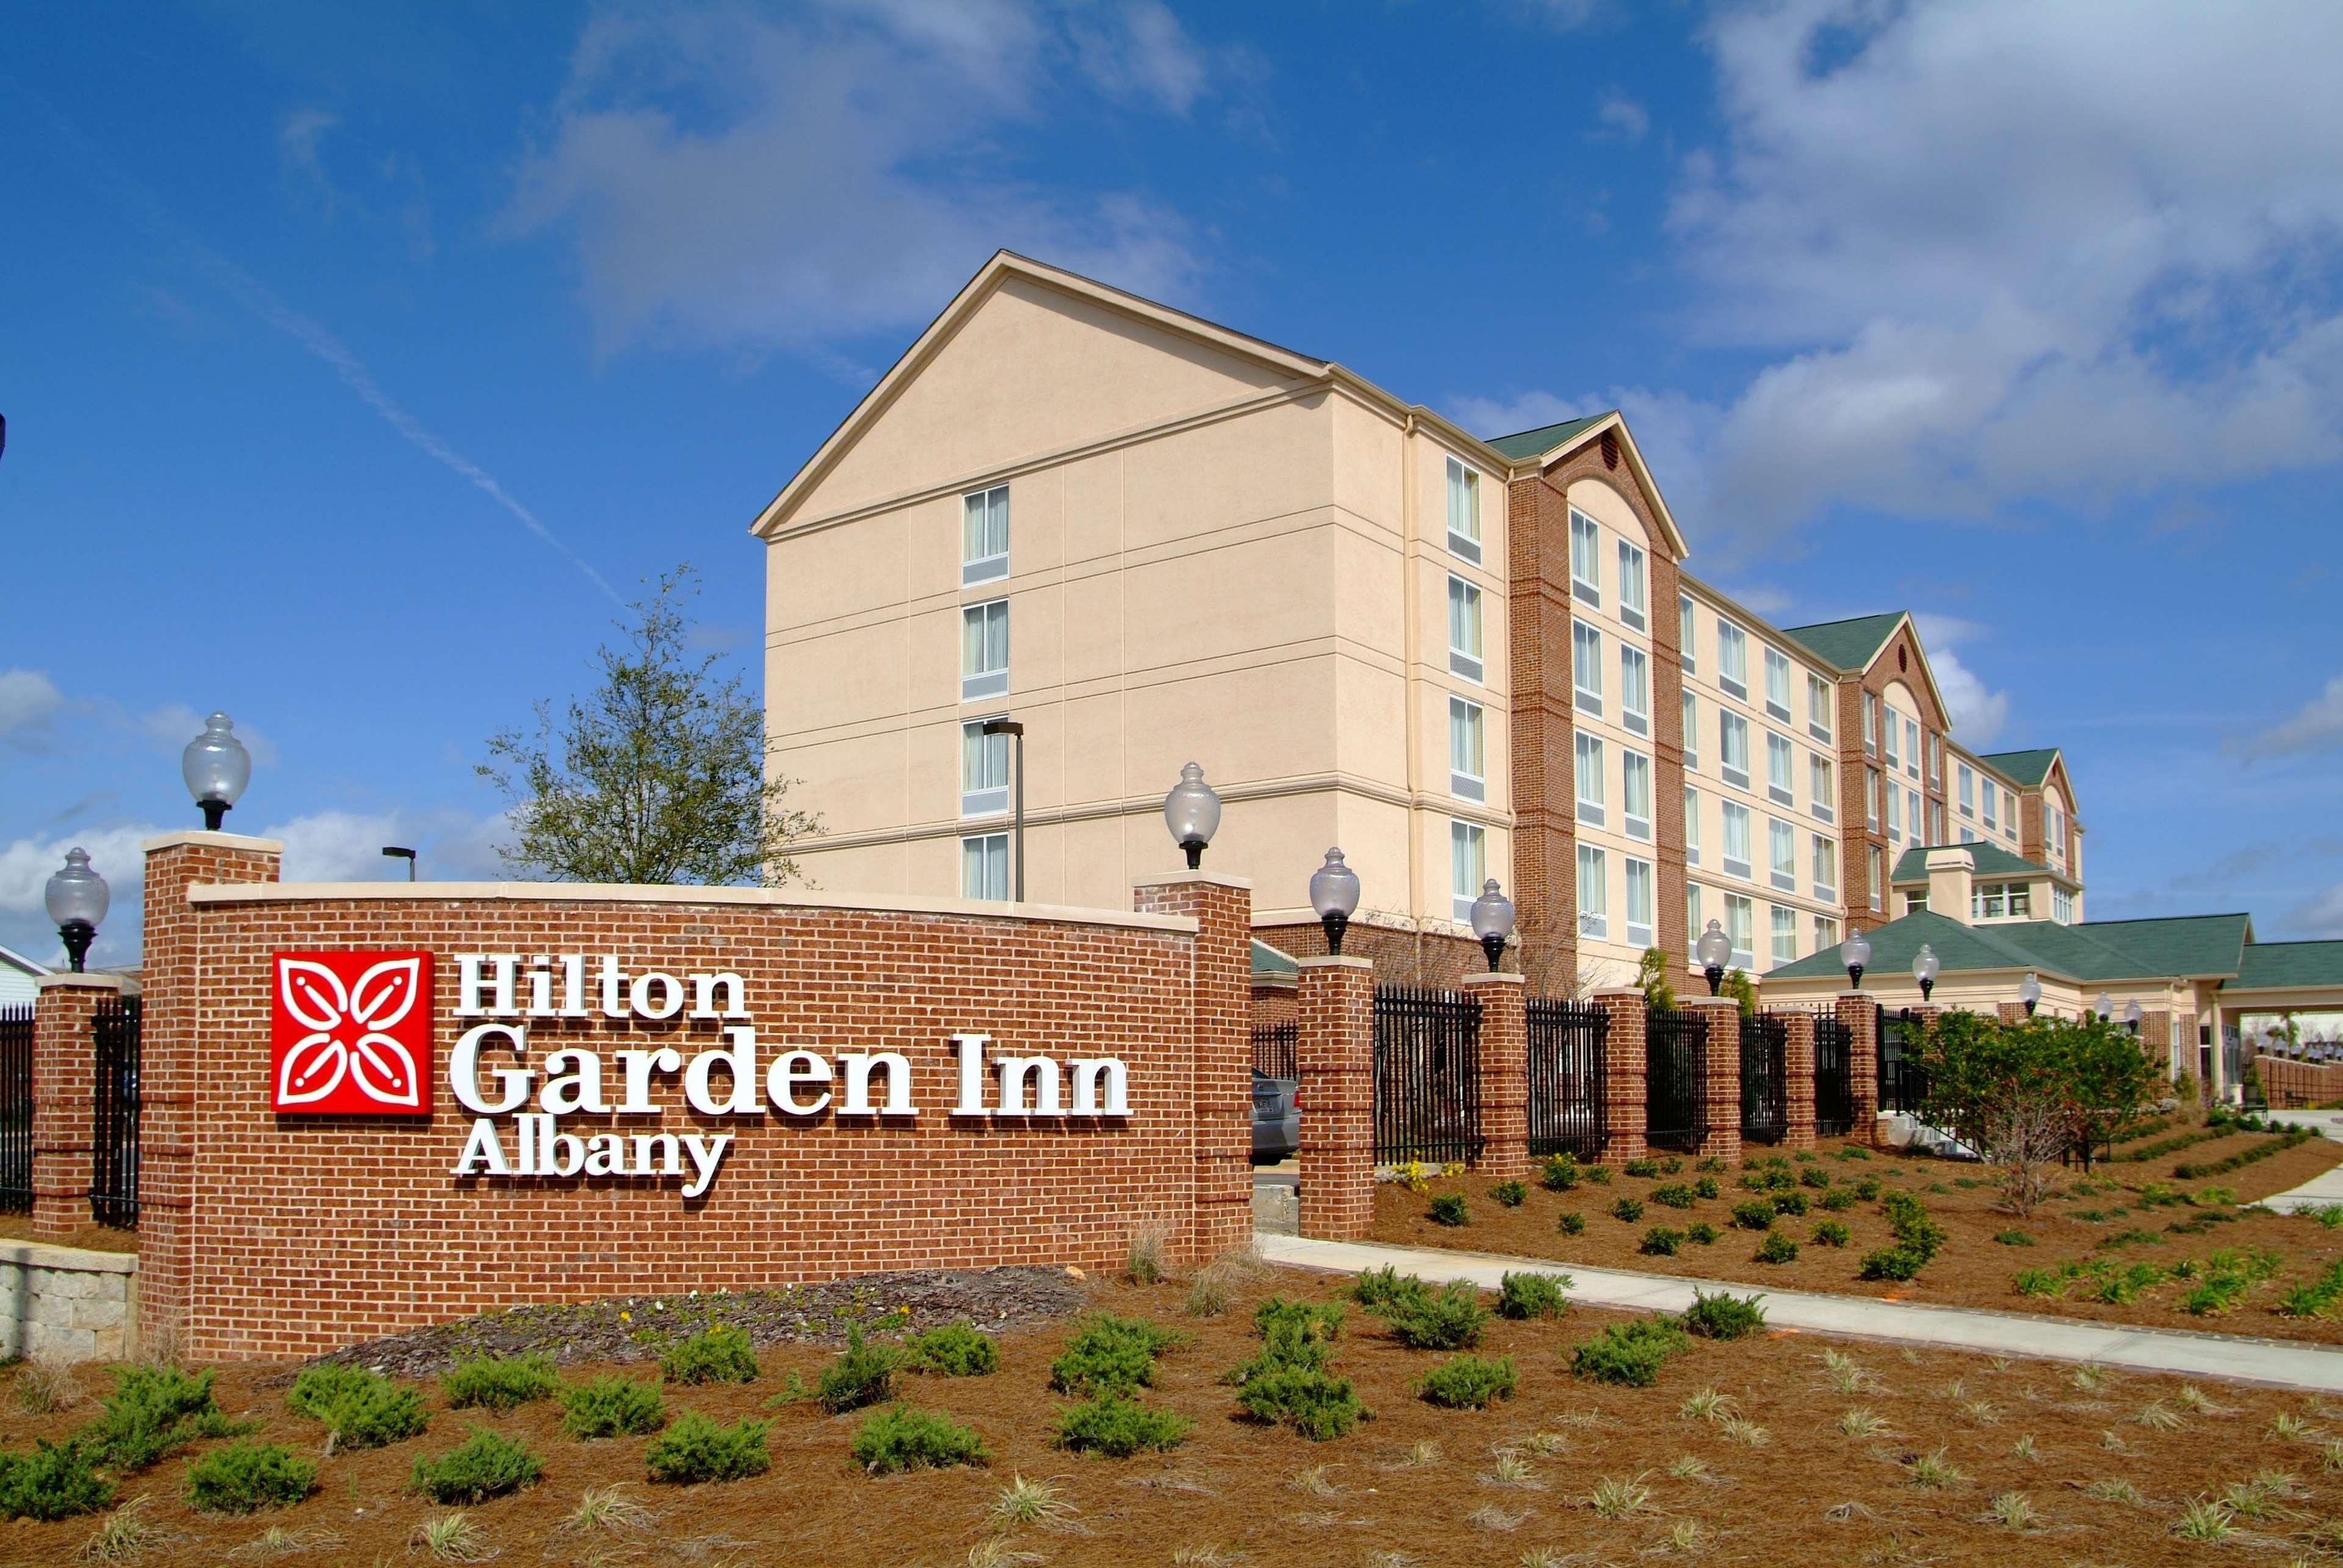 Hilton Garden Inn Albany image 2